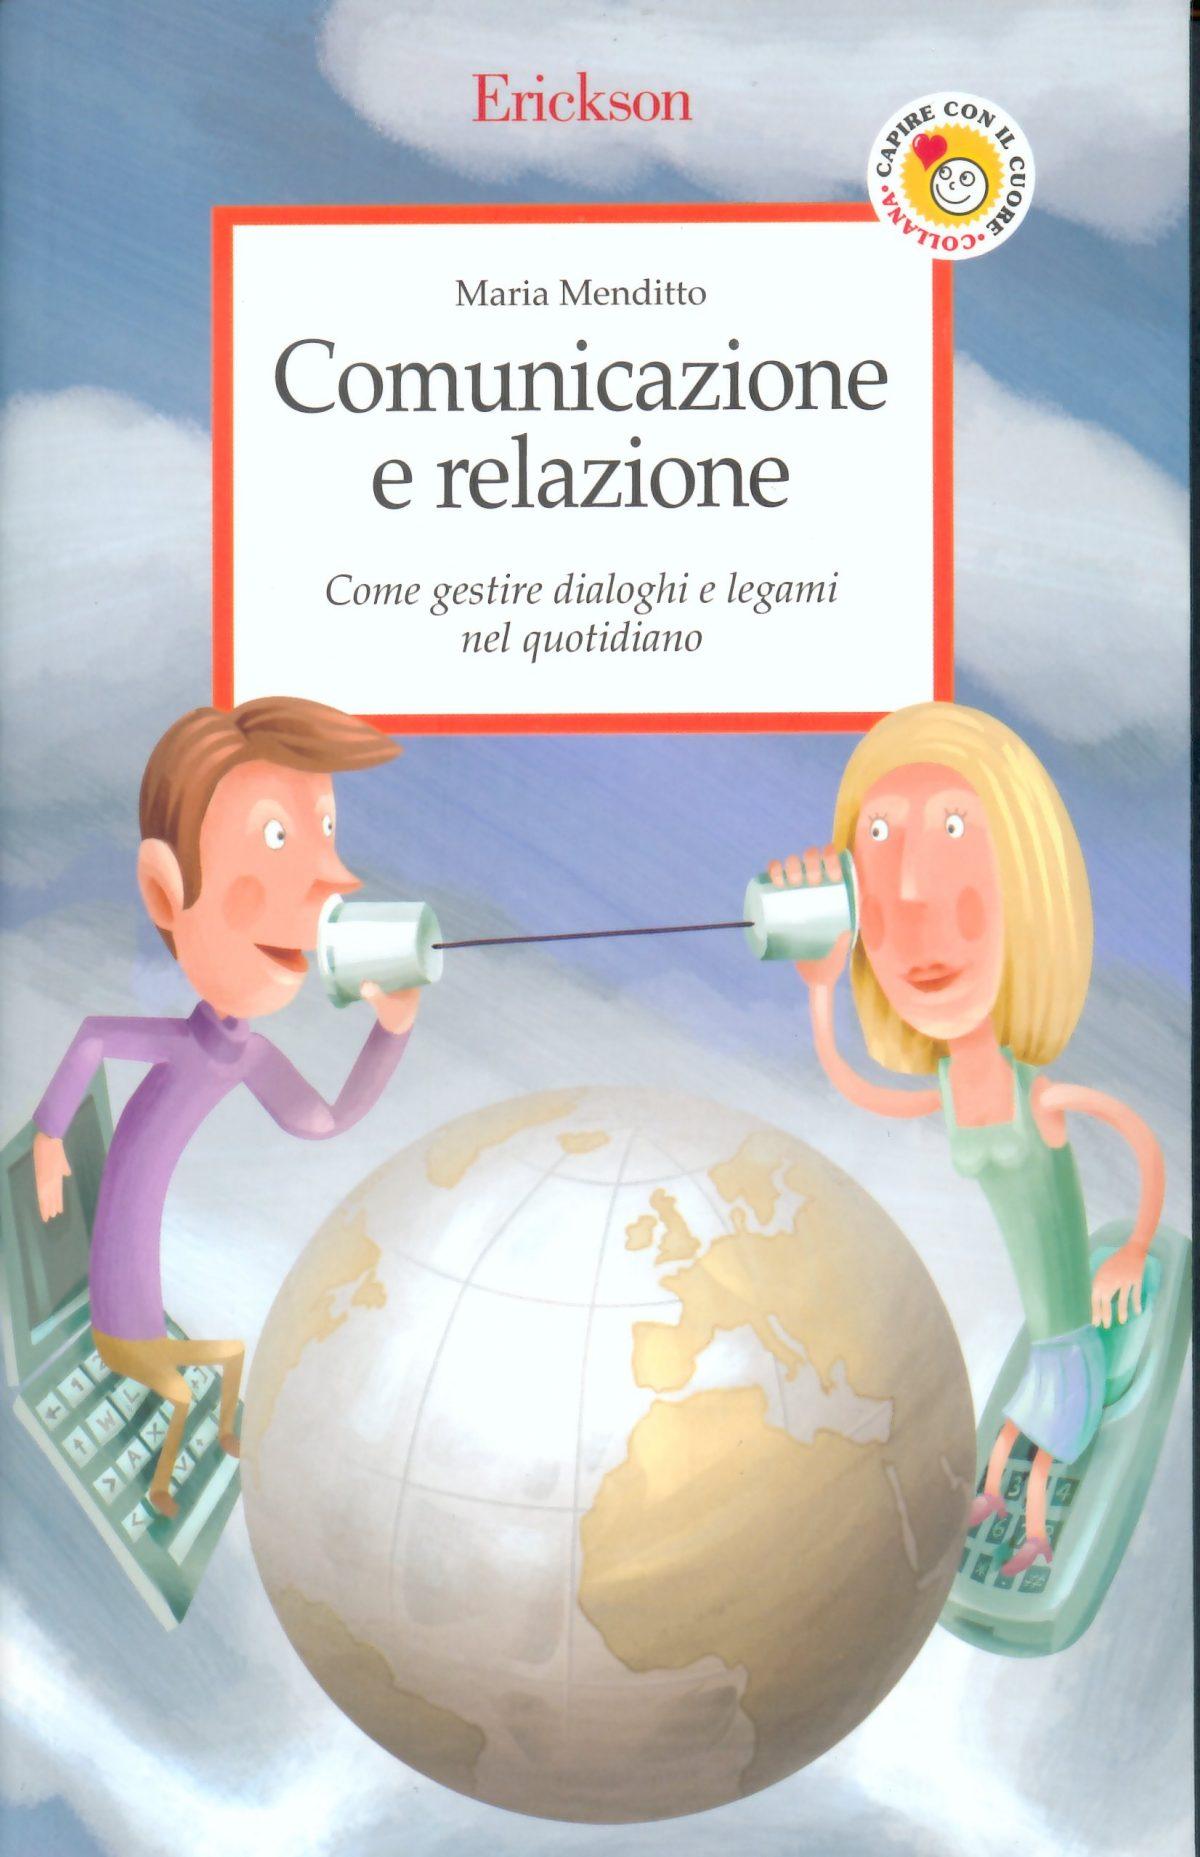 Comunicazione e relazione